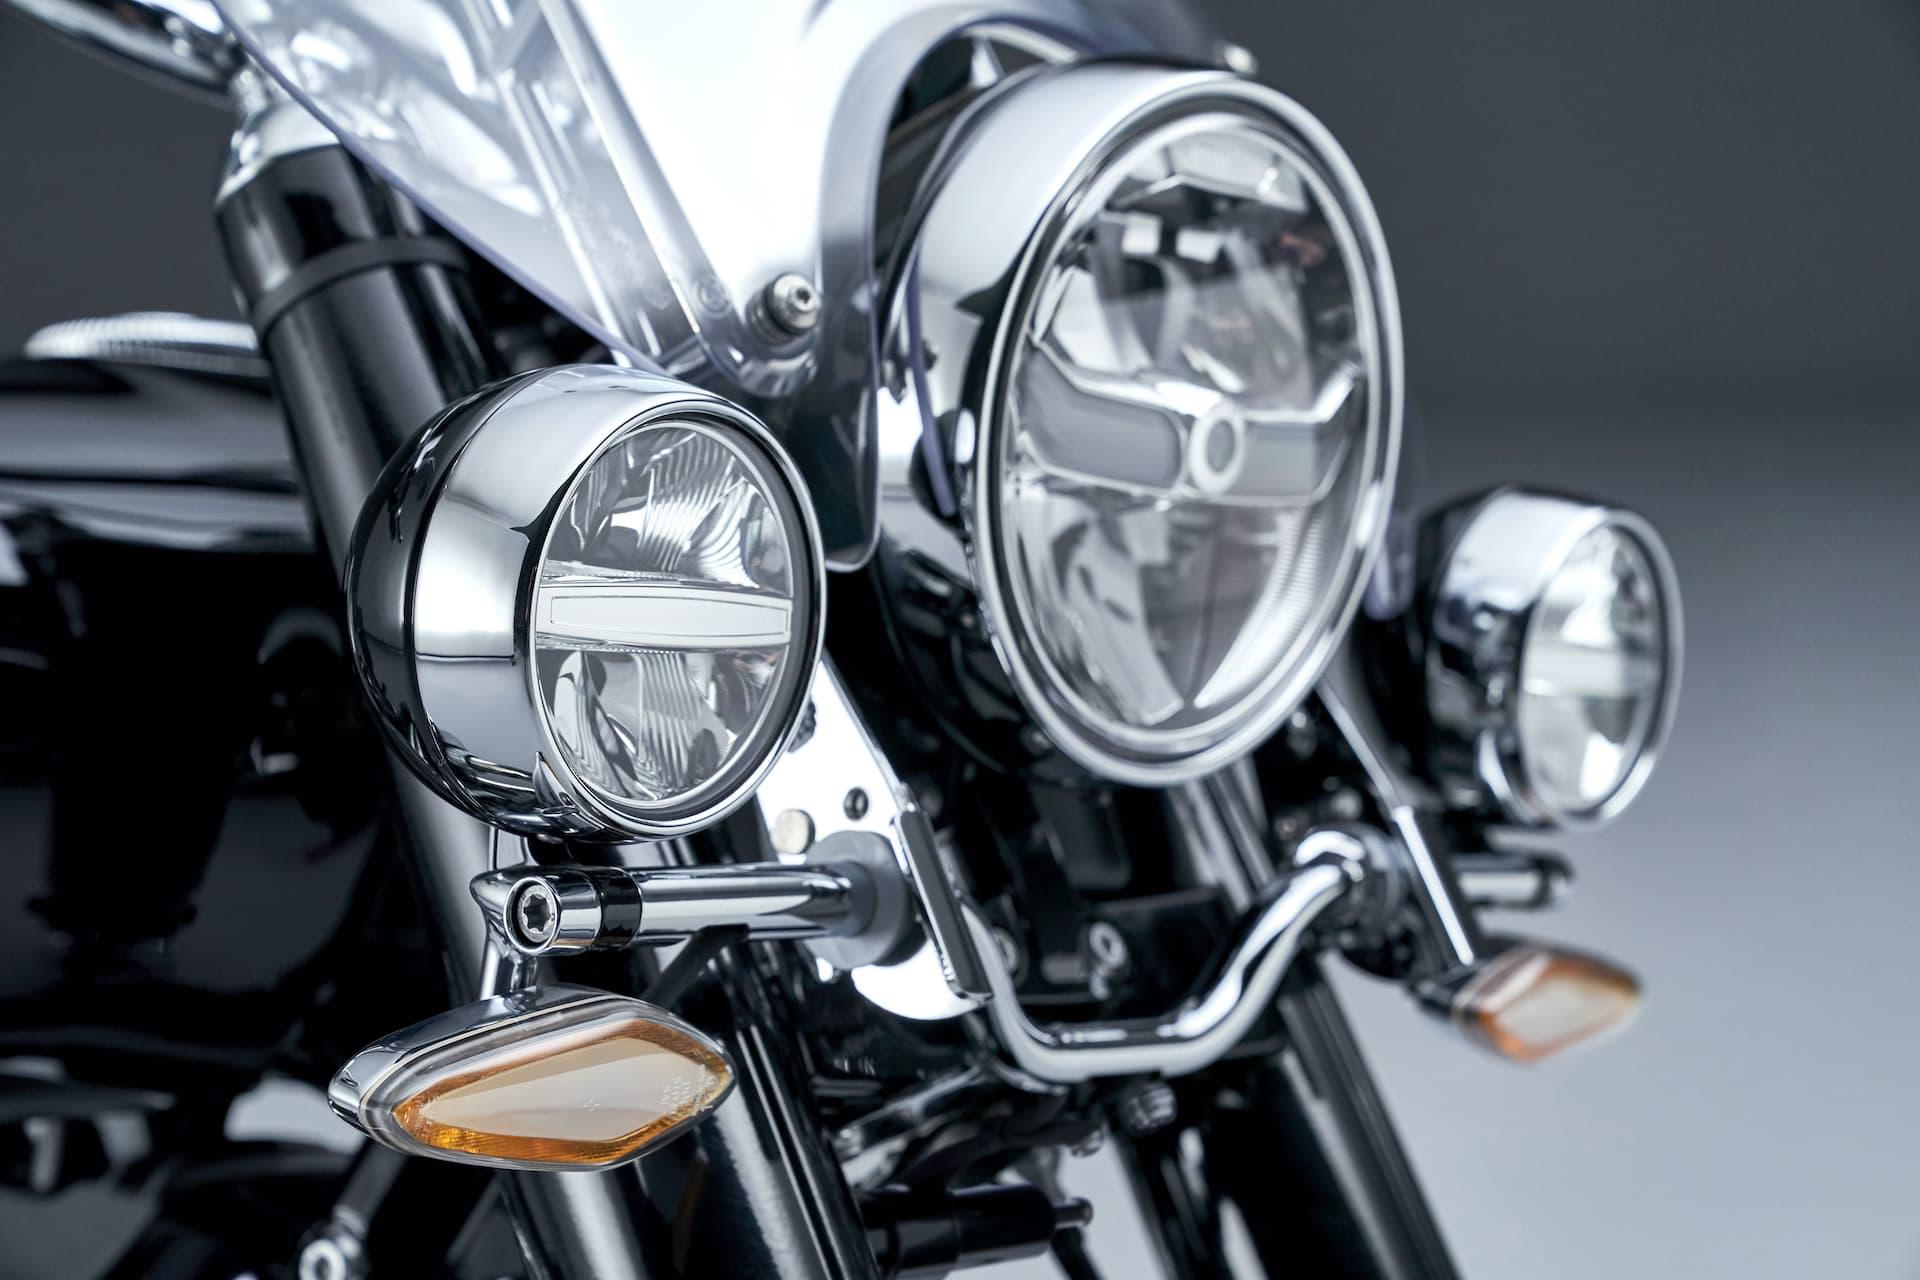 Moto Bmw R18 Classic Luces